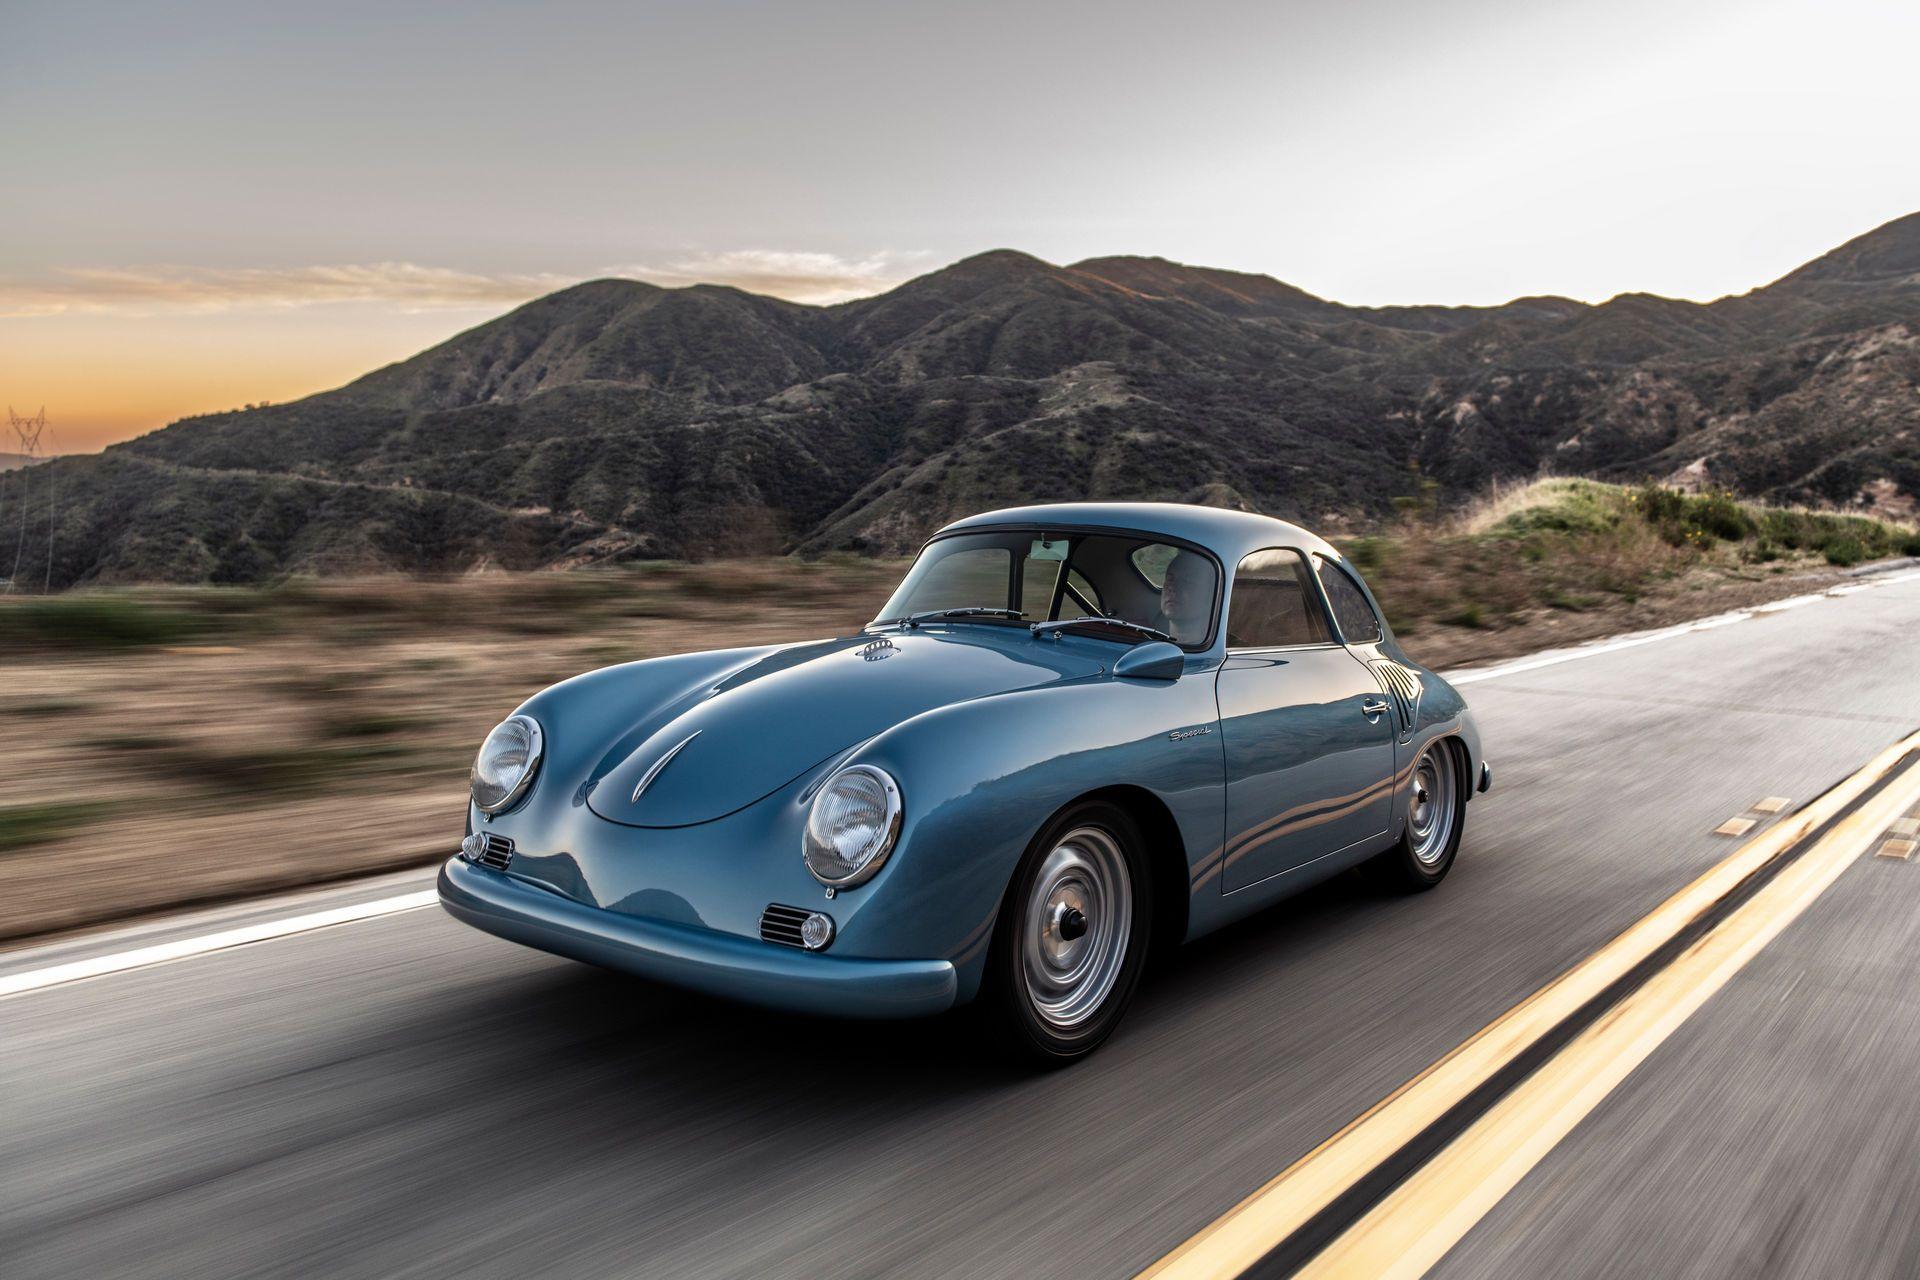 Porsche-356-A-Coupe-Restomod-Emory-Motorsports-28